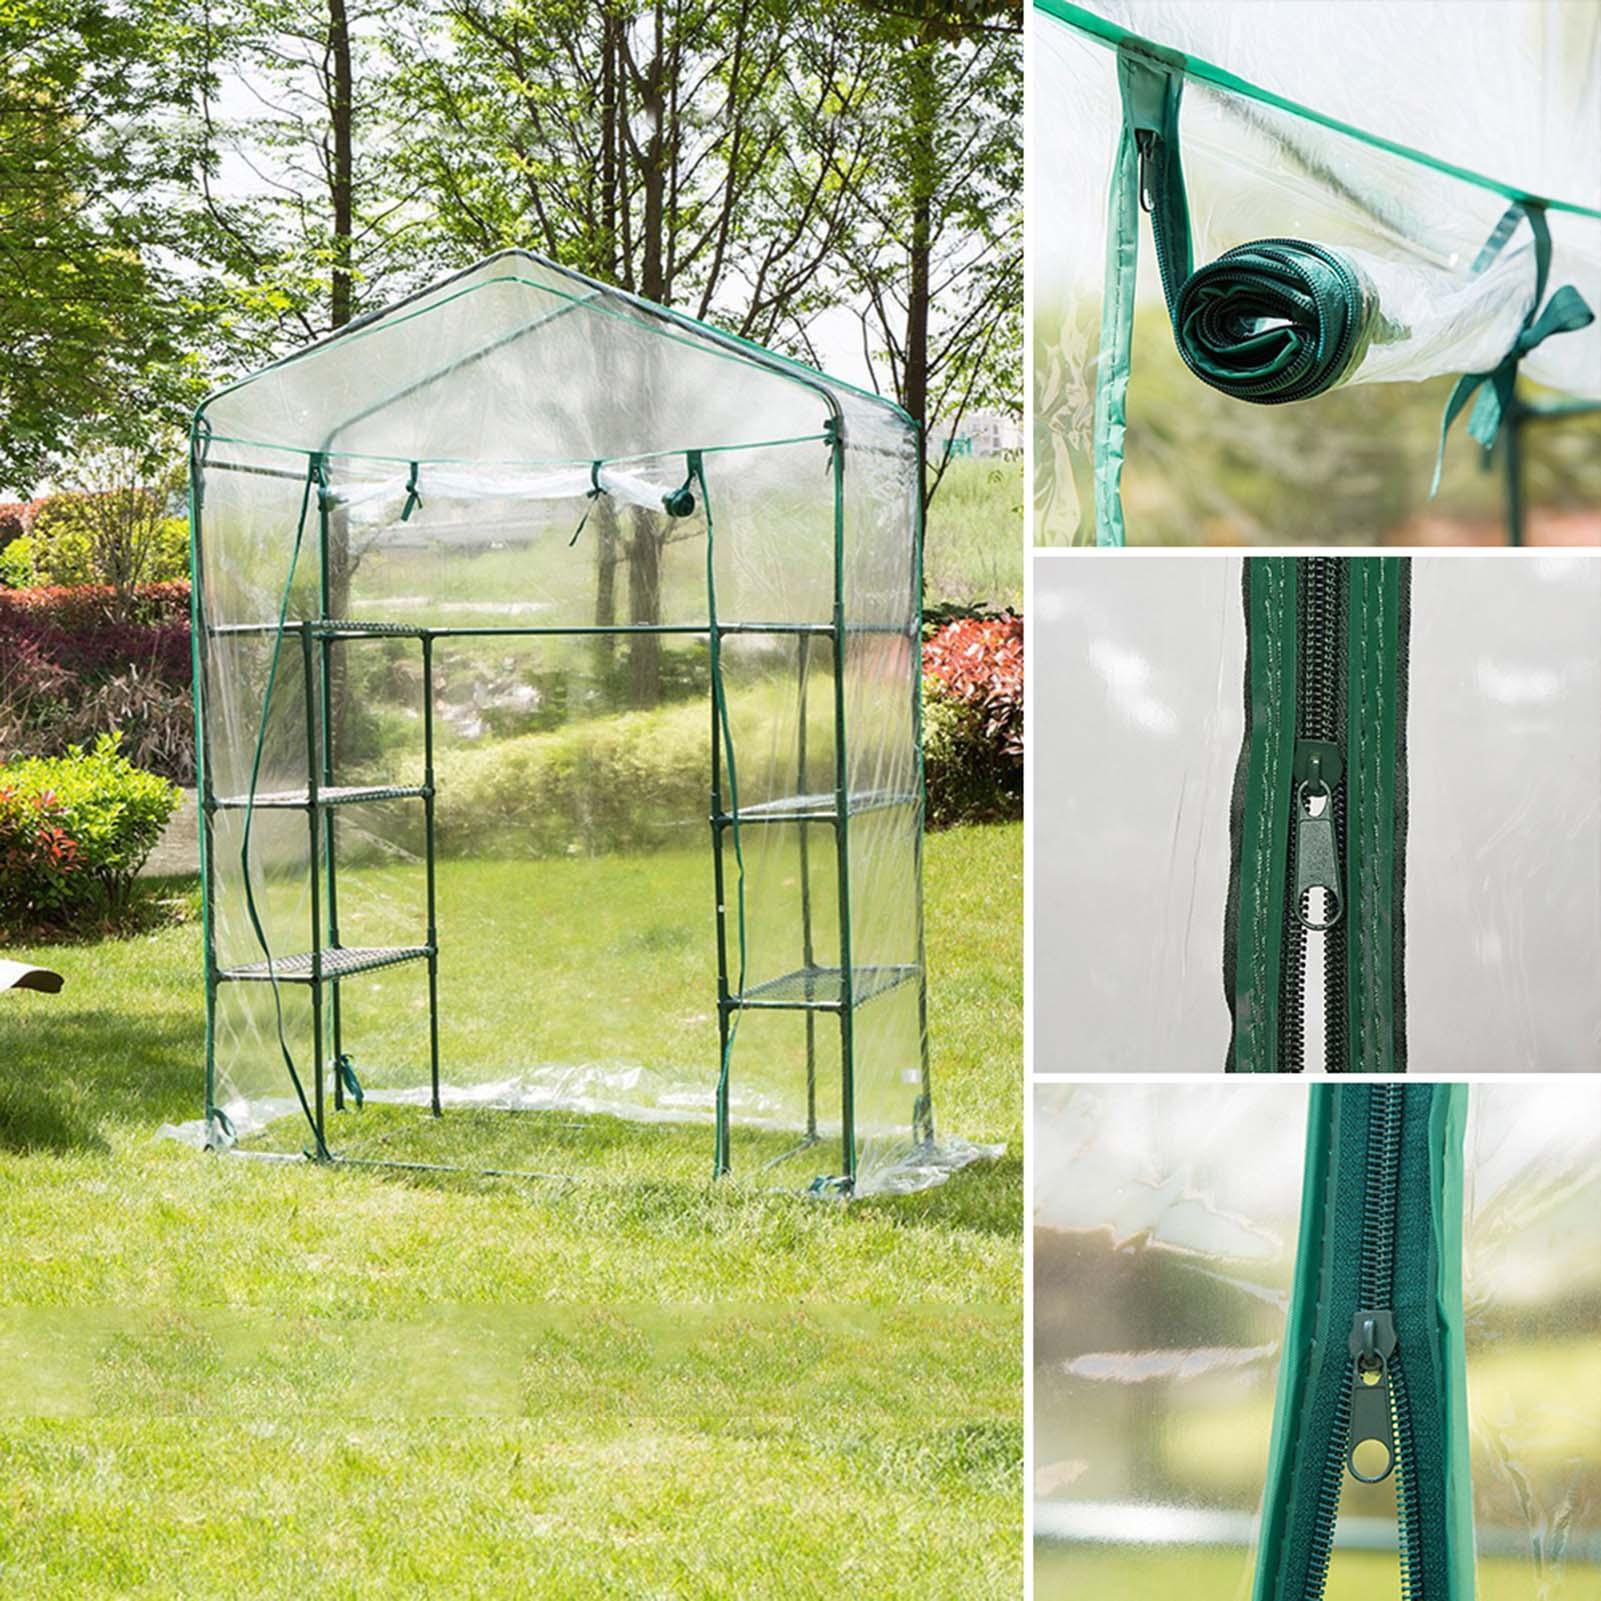 في الهواء الطلق حديقة غطاء نبات الطماطم تنمو البيت الأخضر الدفيئة عززت فقط غطاء الطقس واقية زهرة غرفة غطاء عازل